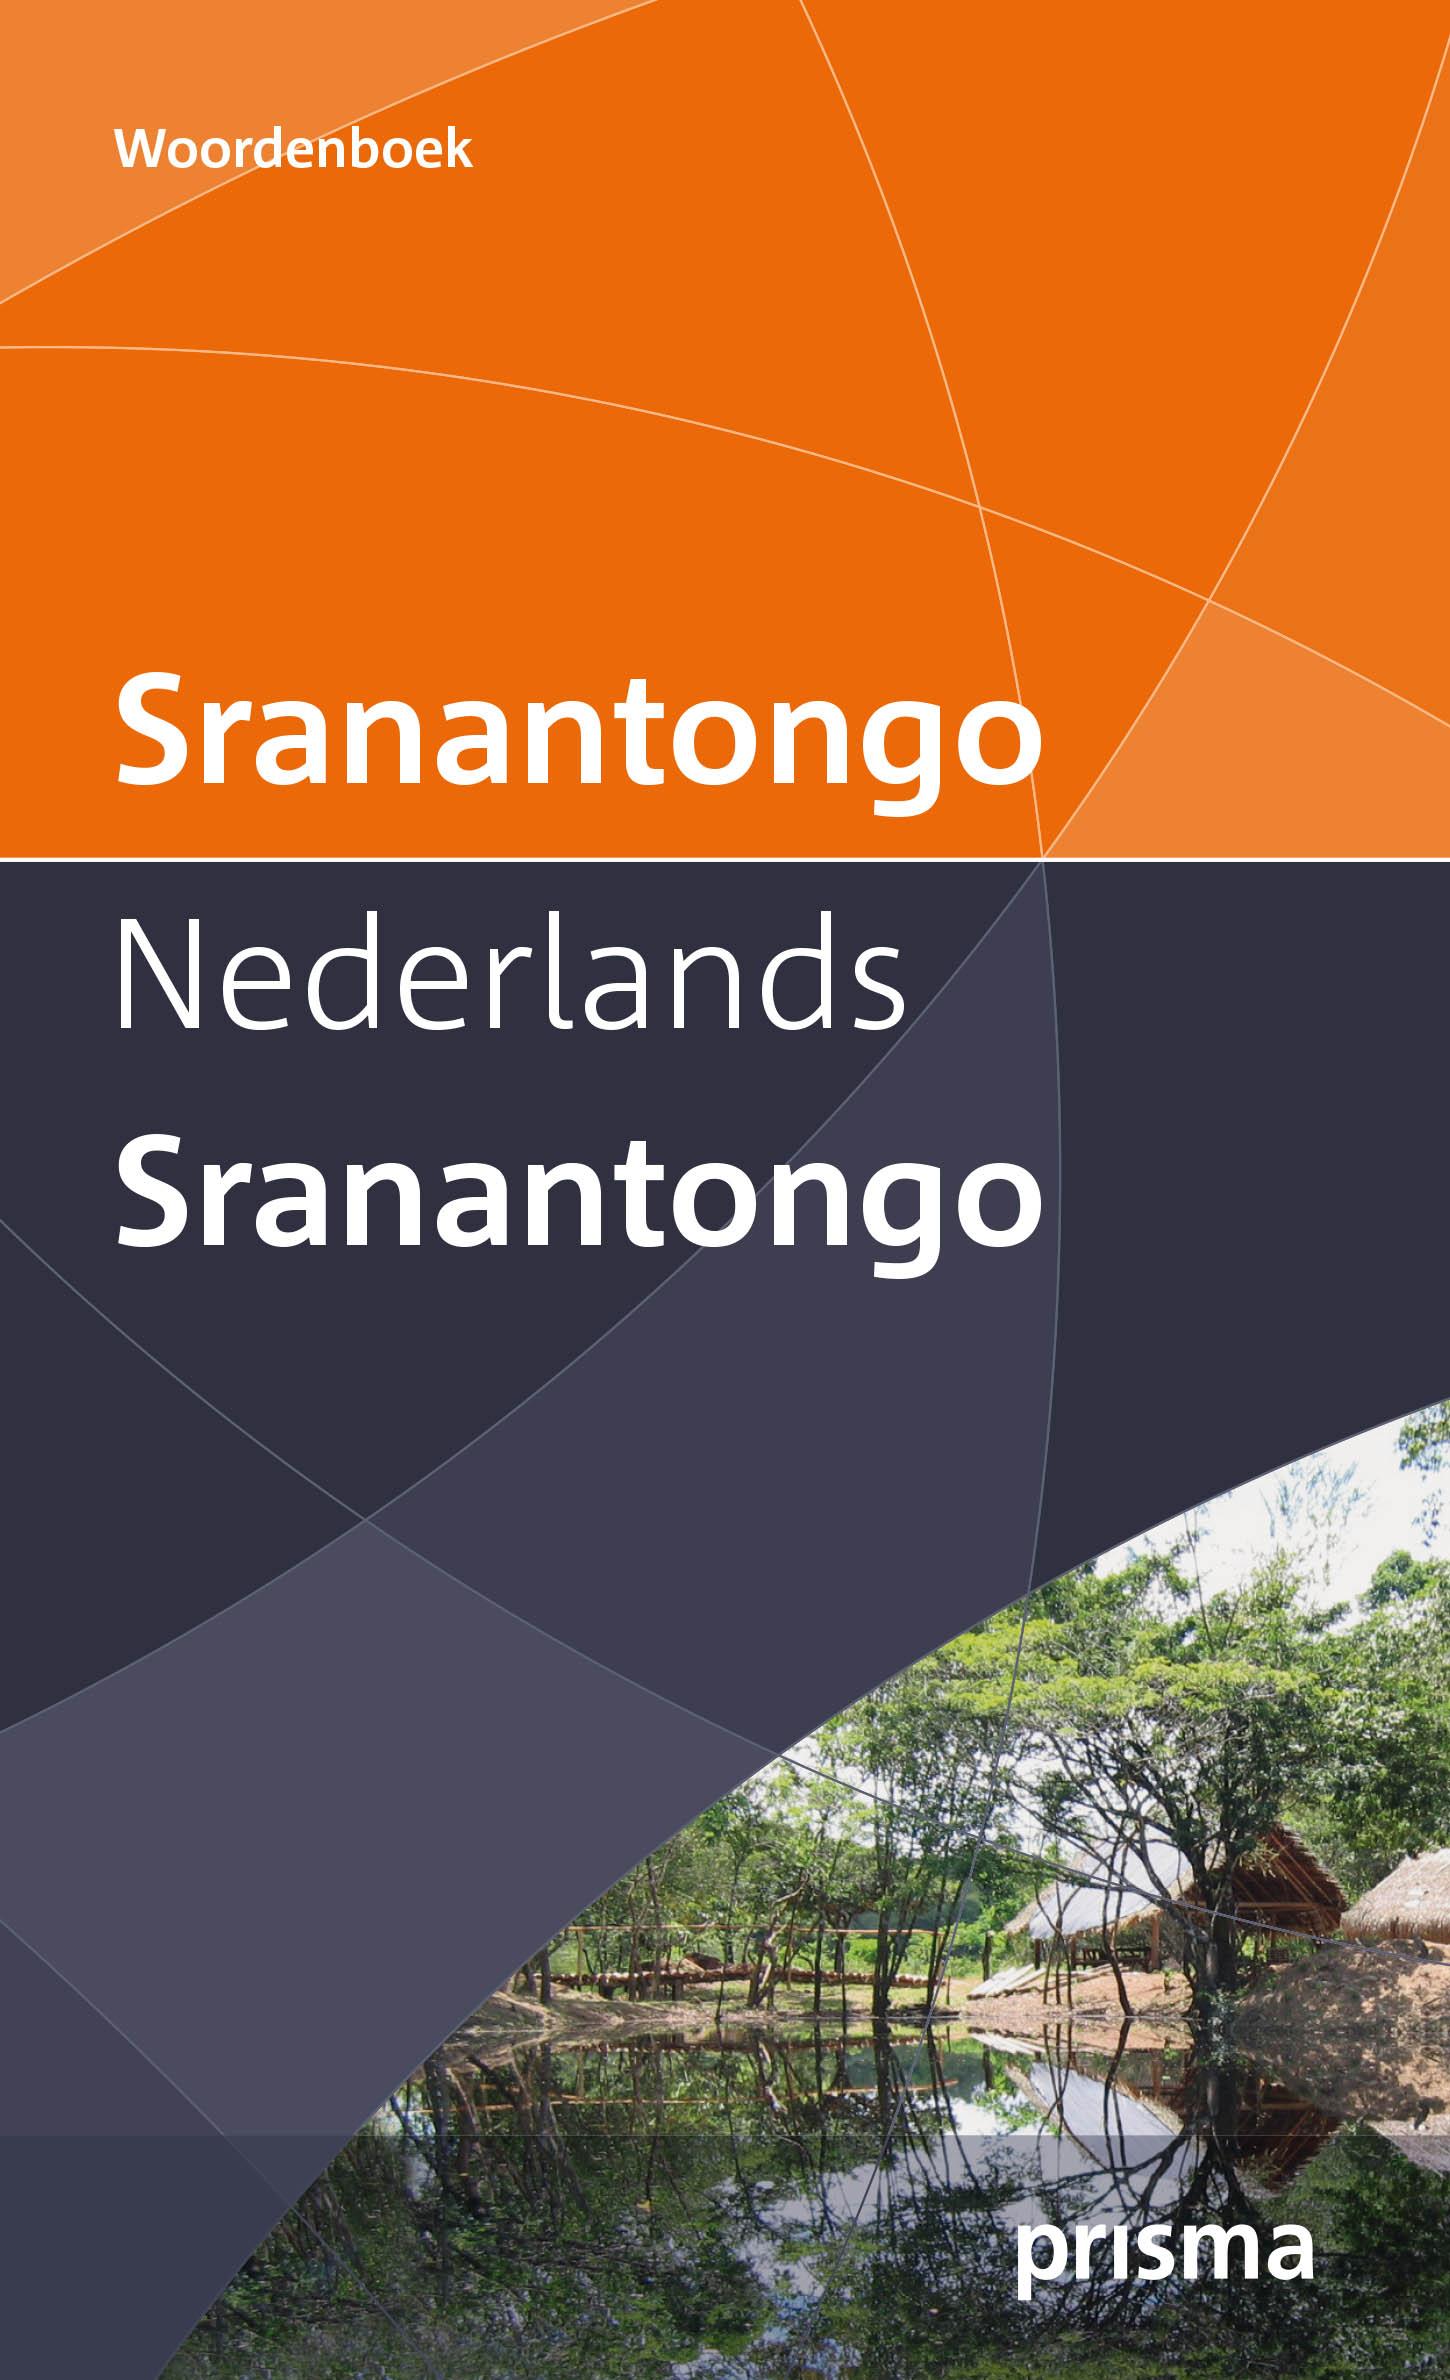 Prisma Woordenboek Sranantongo 9789000330249  Spectrum Prisma Woordenboeken  Taalgidsen en Woordenboeken Suriname, Frans en Brits Guyana